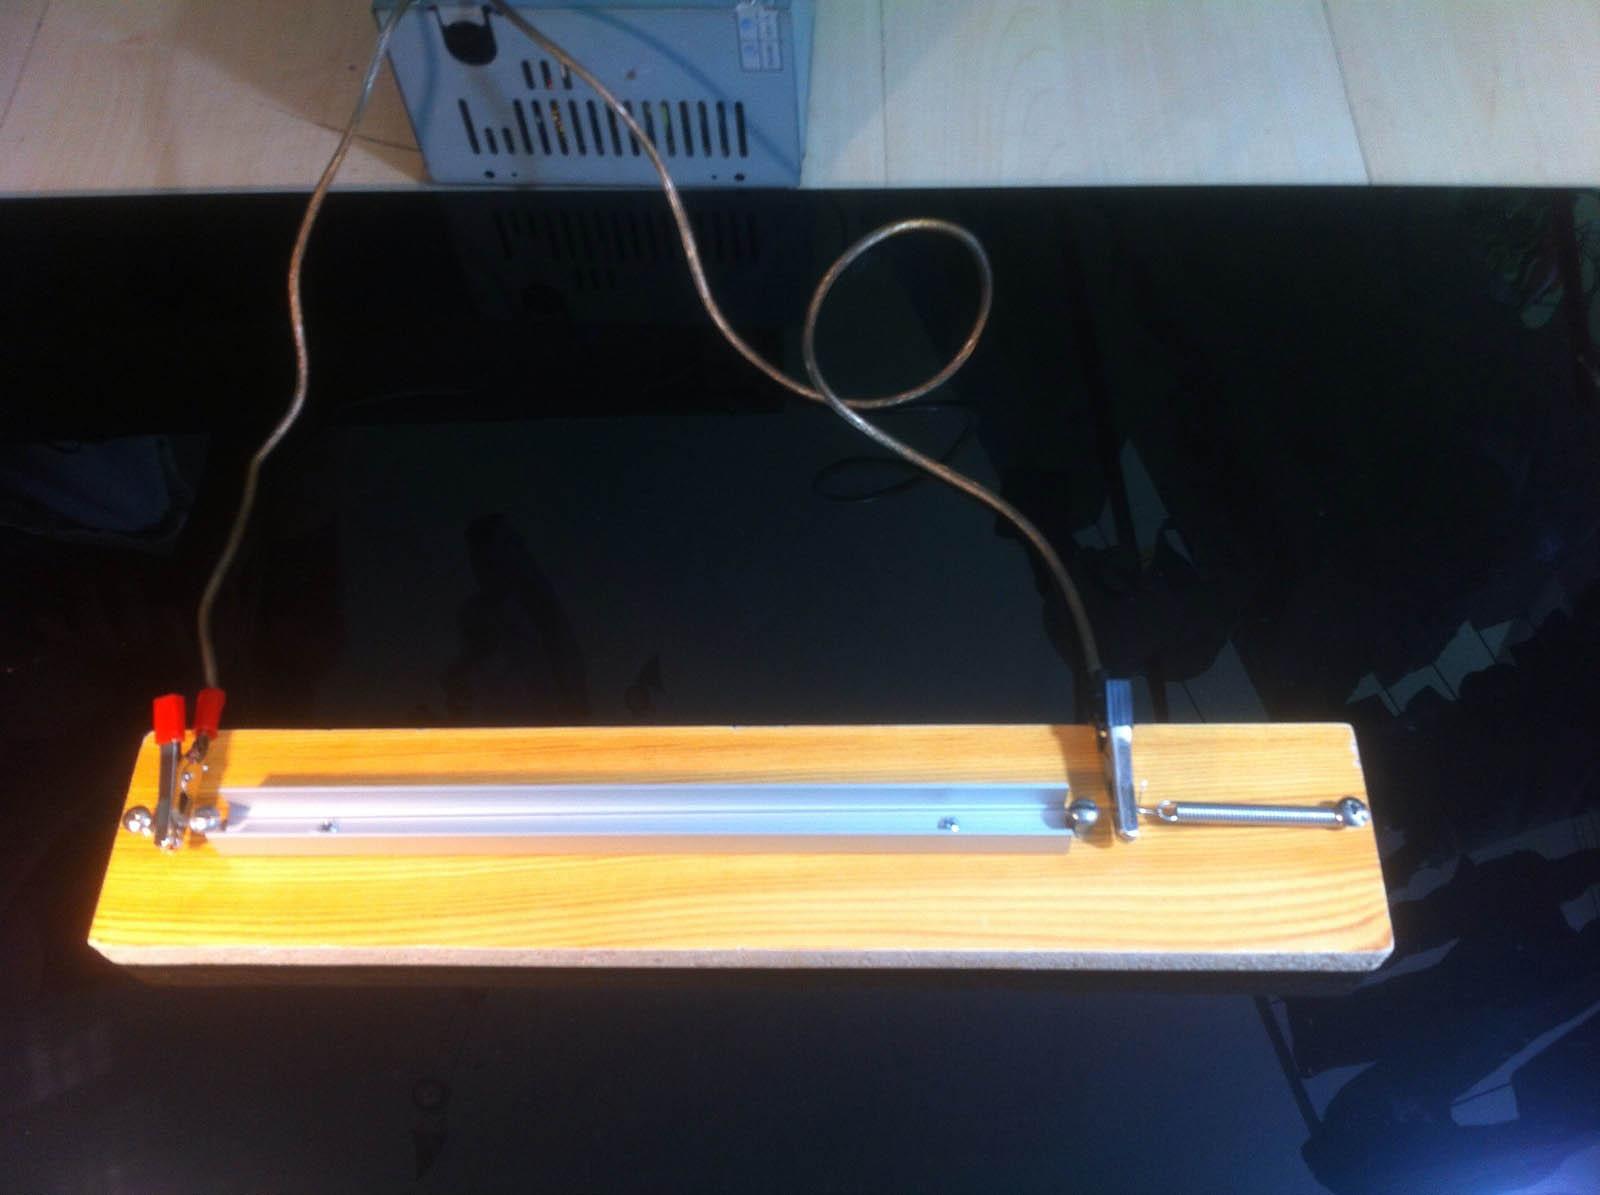 Heizdraht Biegemaschine für Acrylglas zum plexiglas biegen